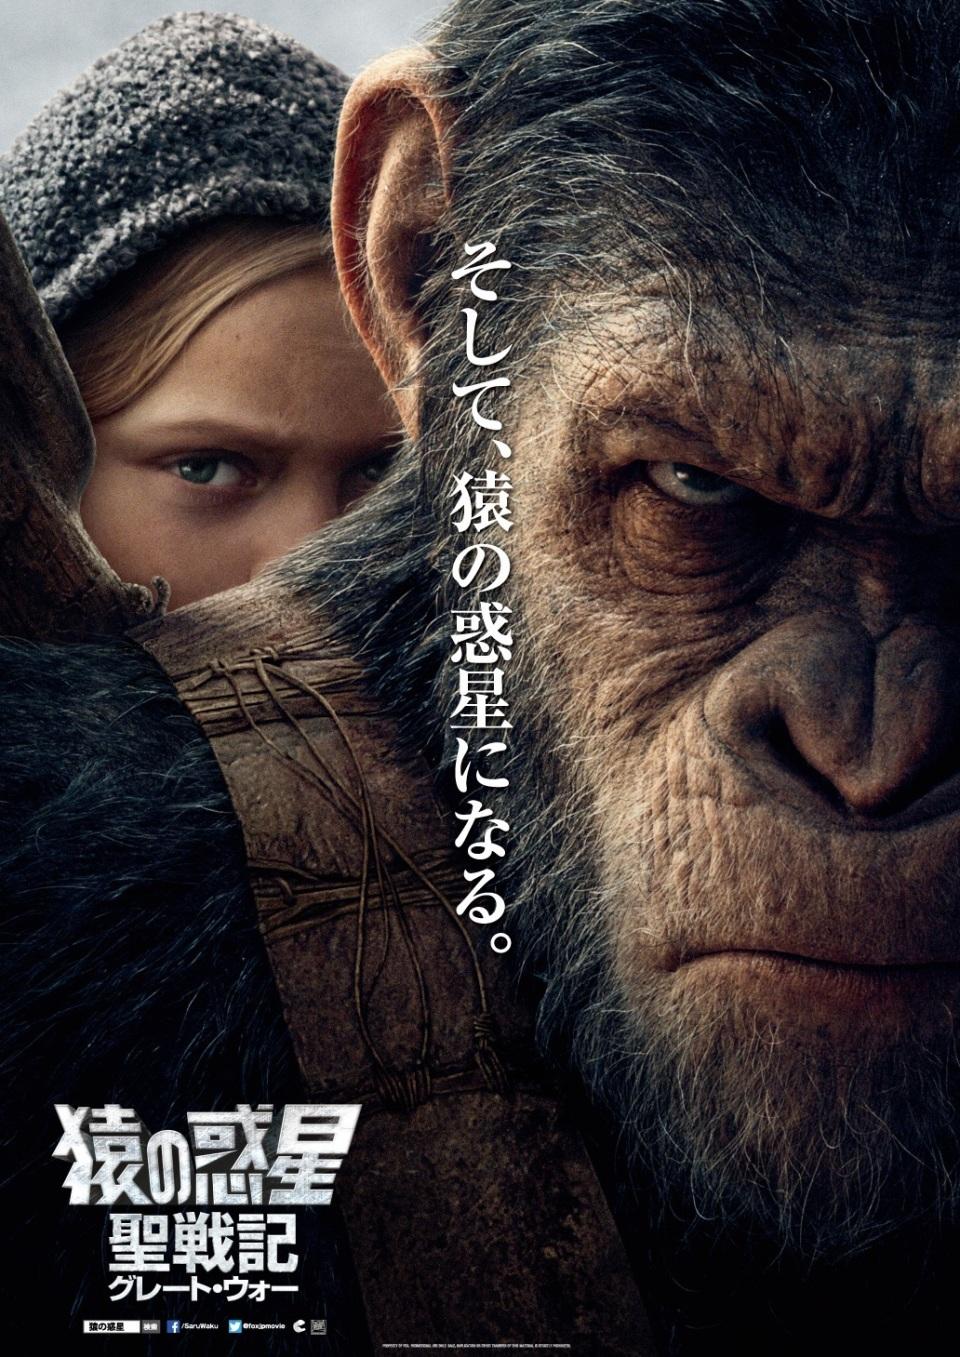 猿のシーザーは理想のリーダー像か?ビジネスパーソン必見の映画「猿の惑星」最終章 3番目の画像